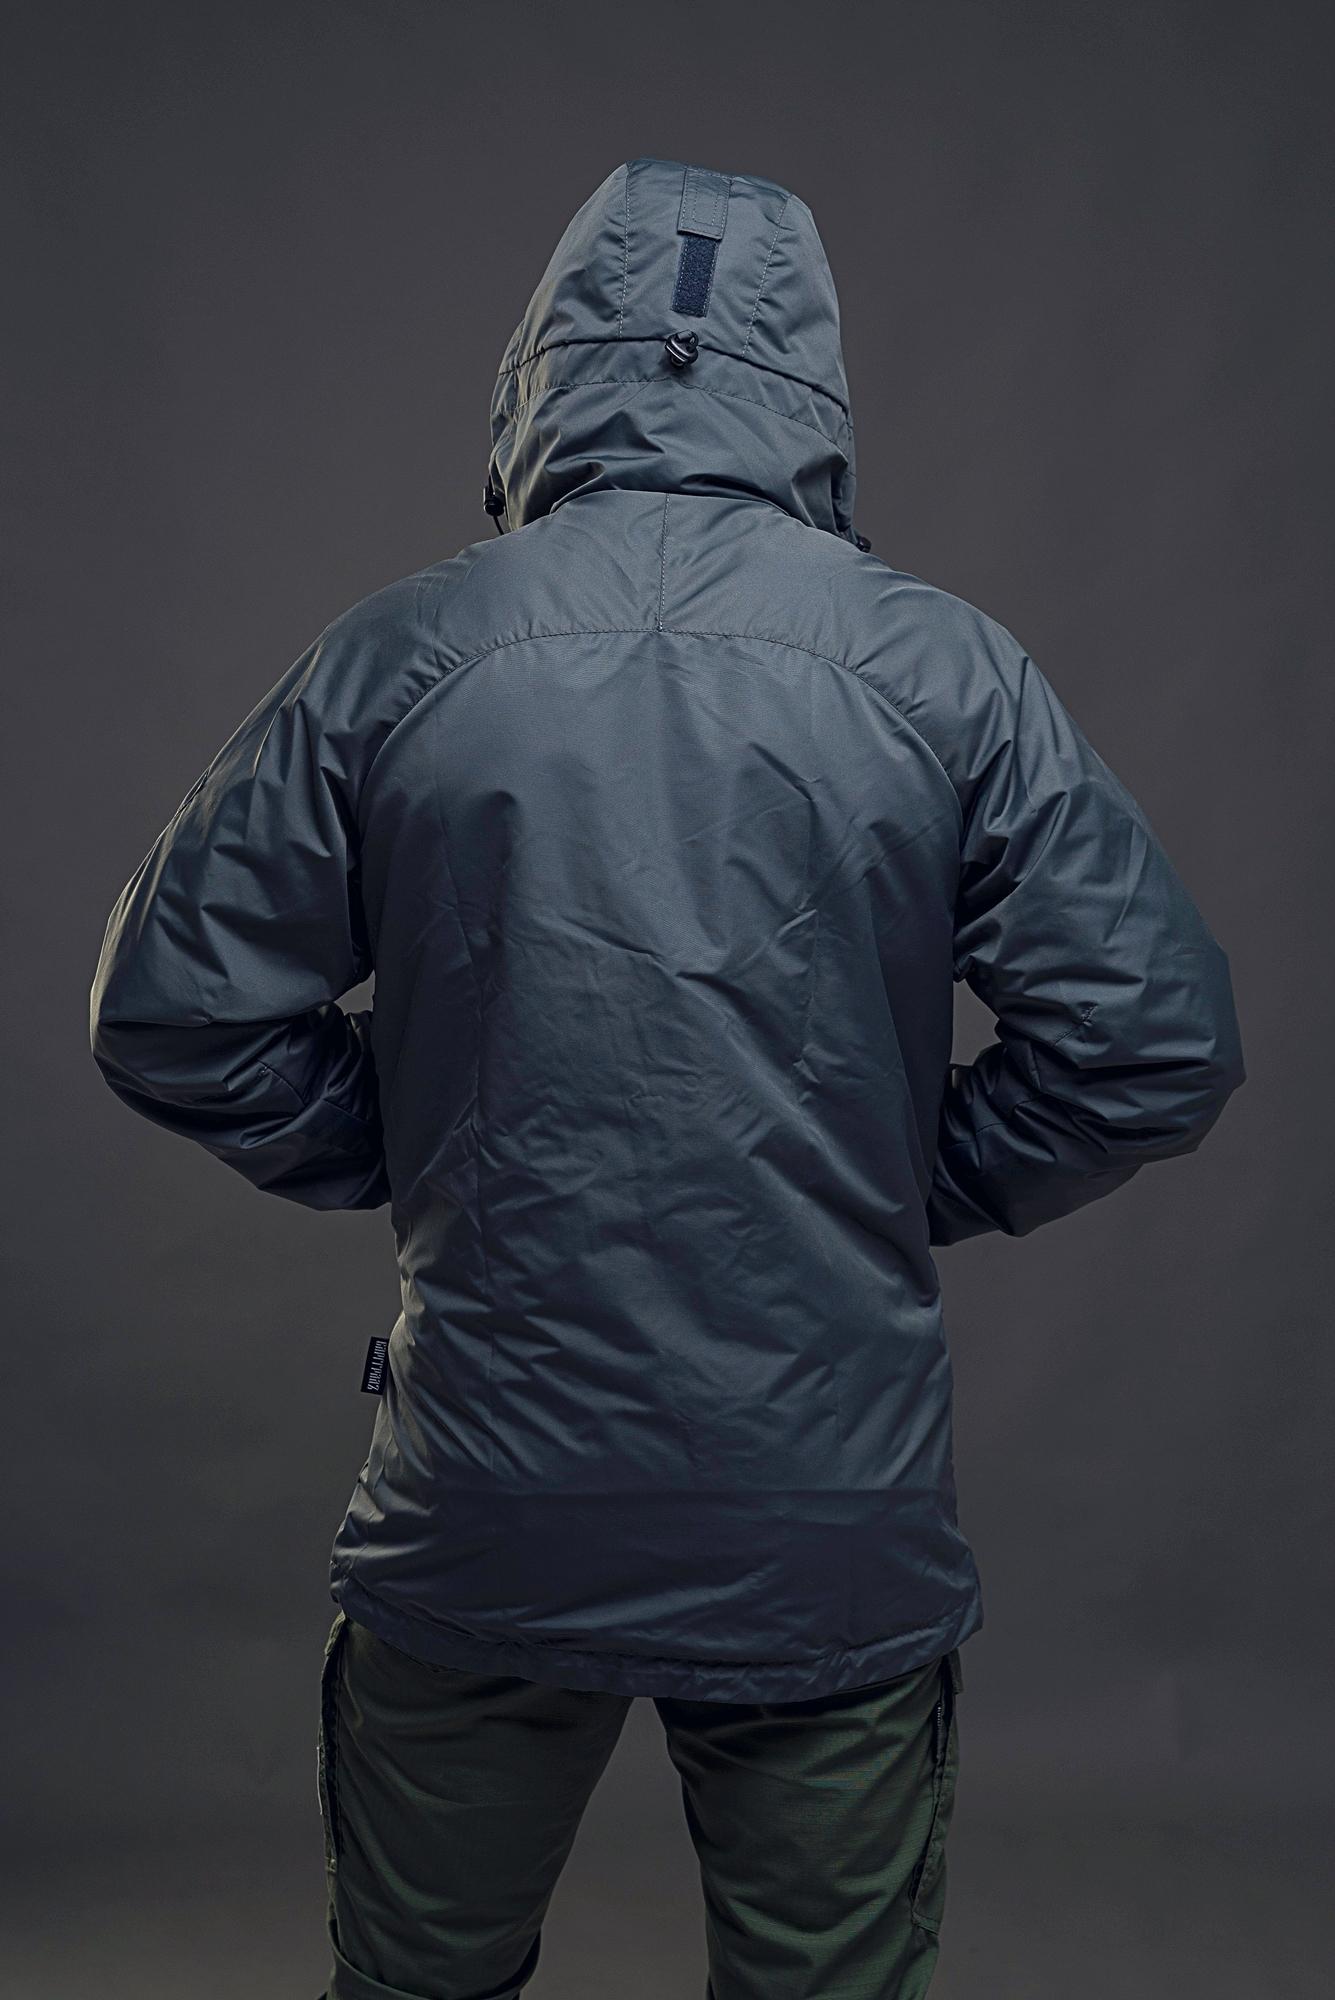 Куртка на молнии Варгградъ мужская тёмно-серая (без флиса)